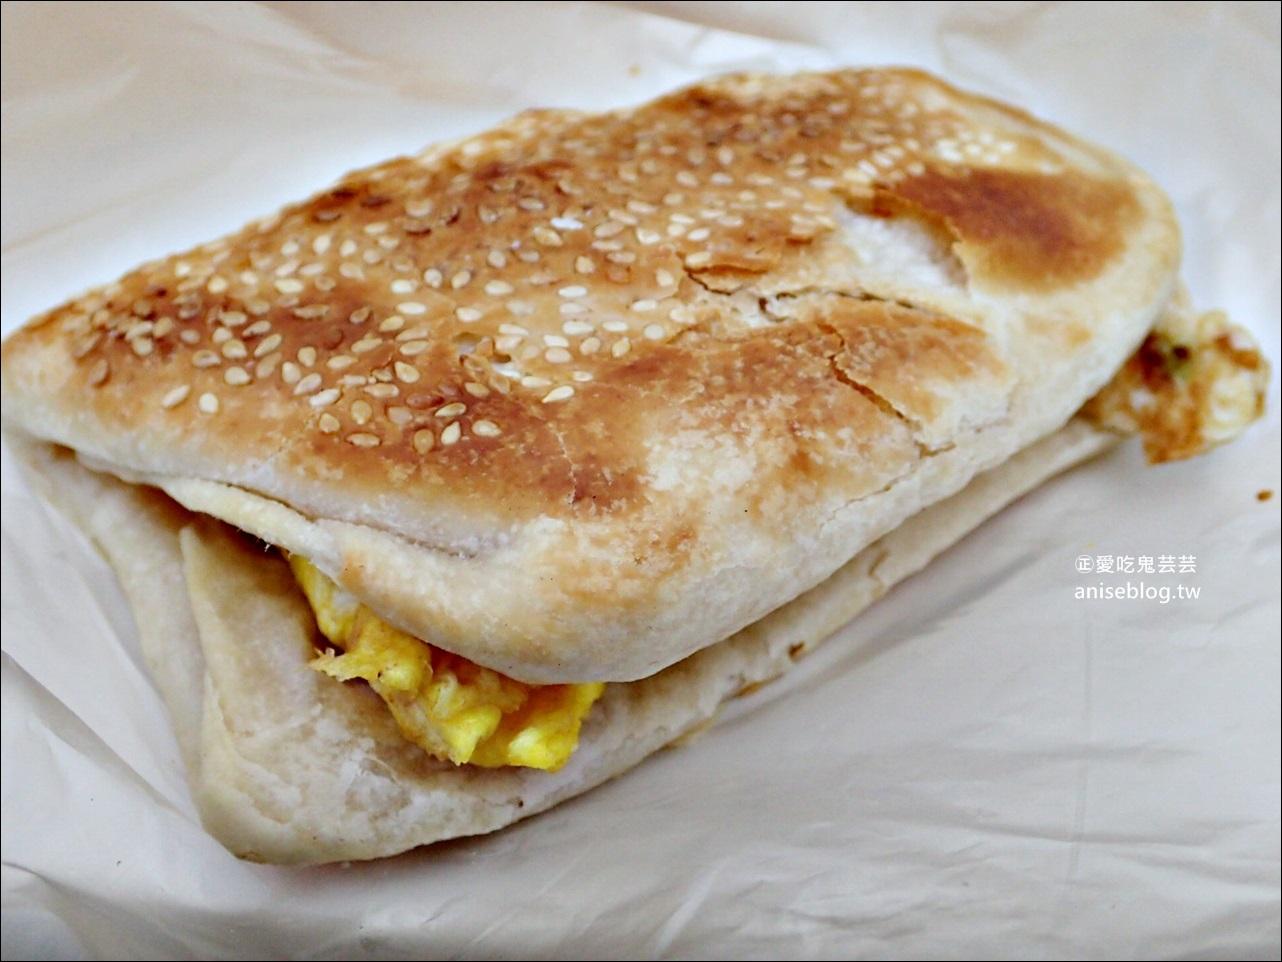 熊記燒餅油條專賣店,手工現做的傳統早餐、排隊老店,捷運新莊站美食(姊姊食記)